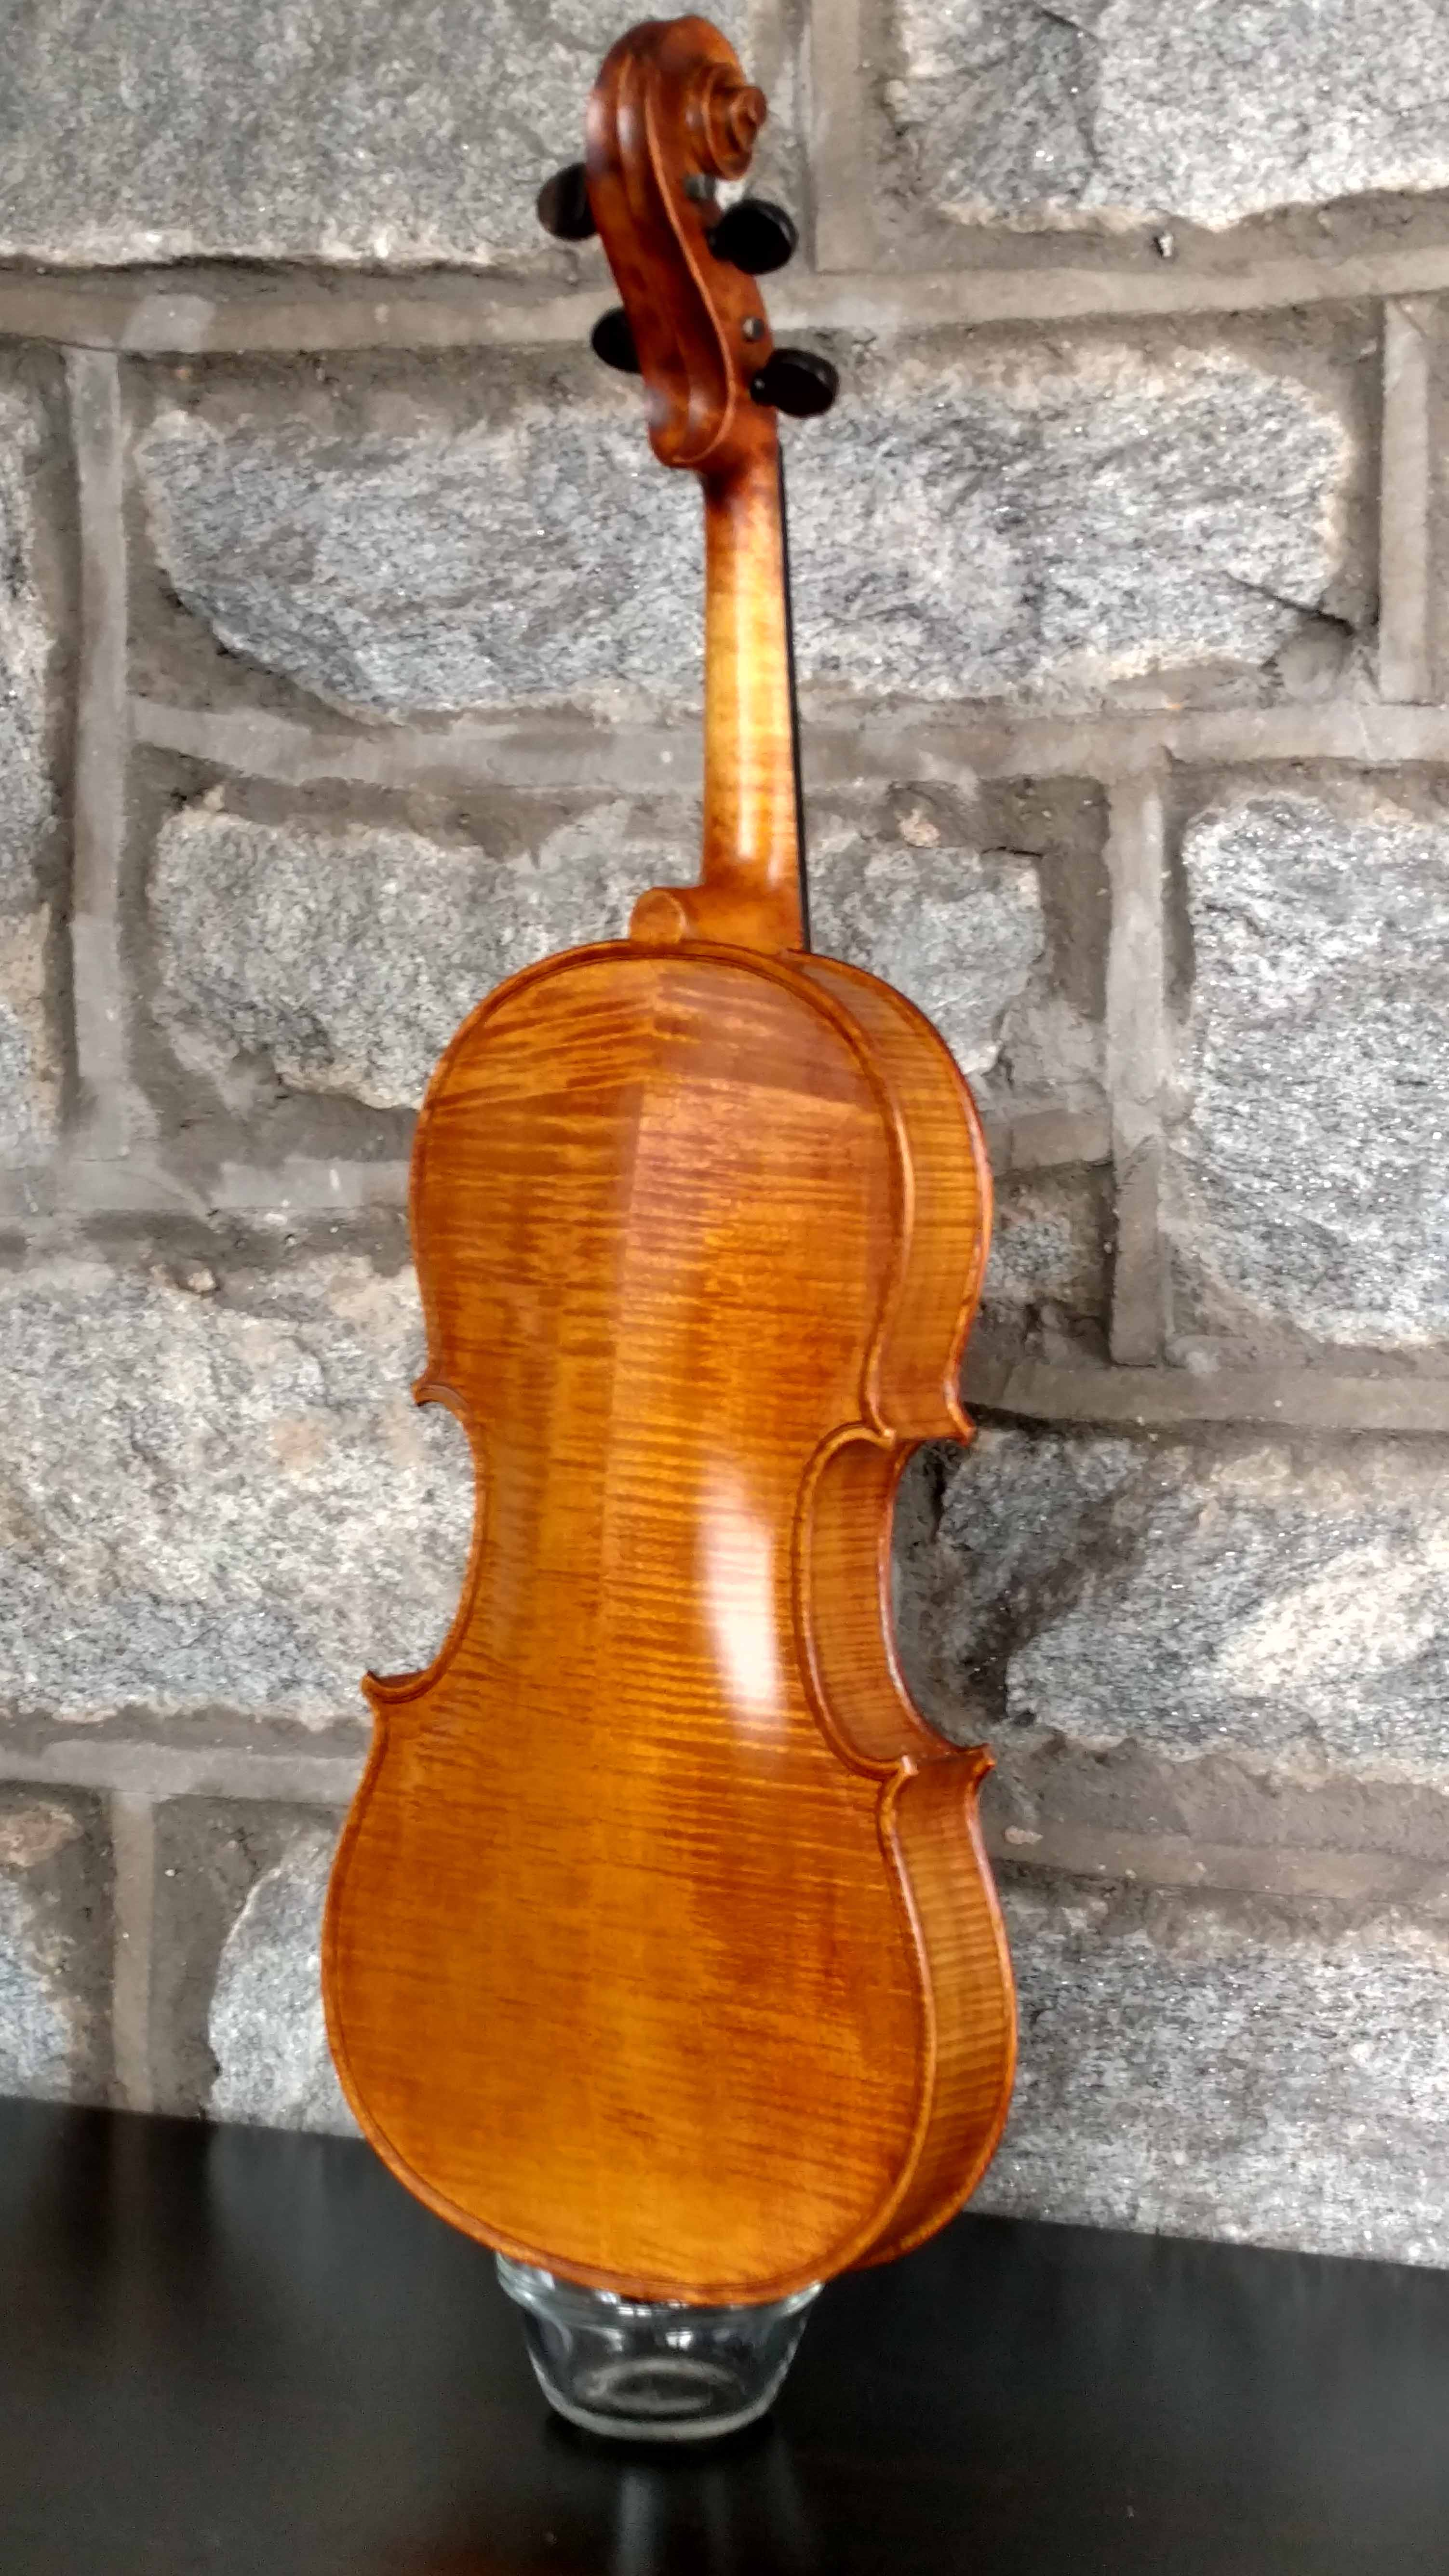 Old wood minerale interior of violin - Viola2 Thumb Jpg 7b0c7bd8d6a069d748e69ea9cd174a7c Jpg